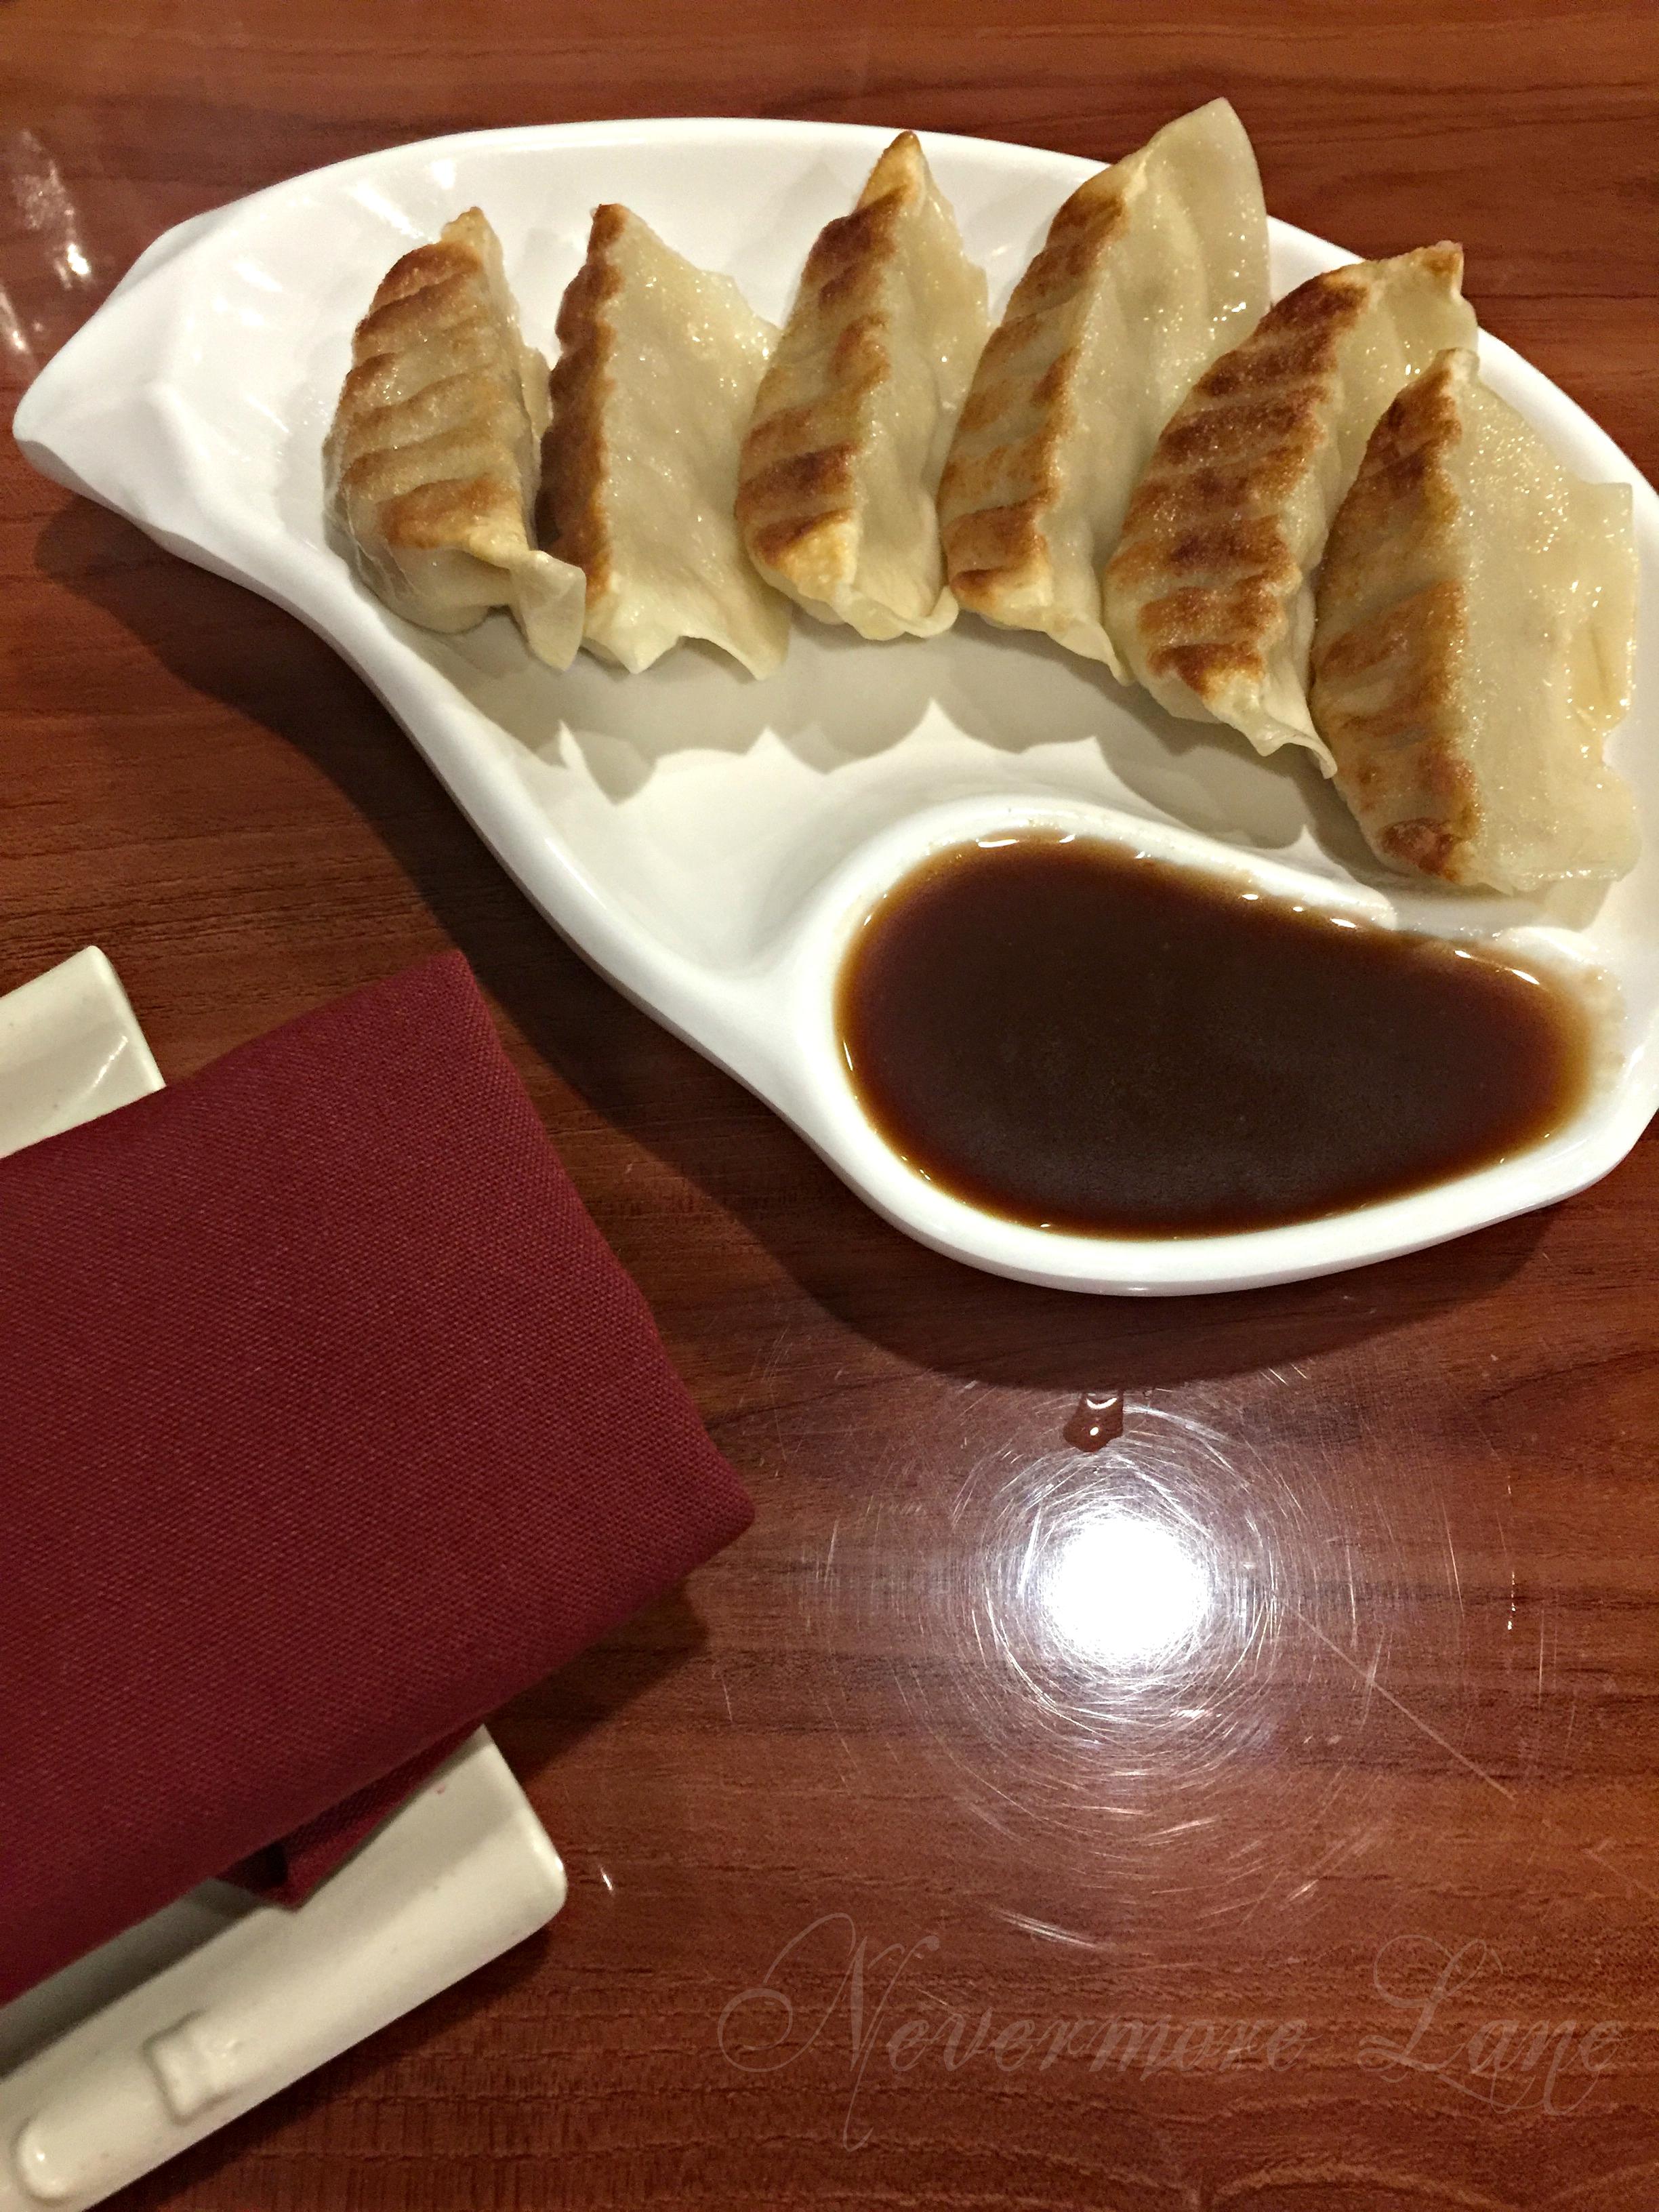 Sakura2 Hibachi Grill & Sushi Bar | Portage, MI